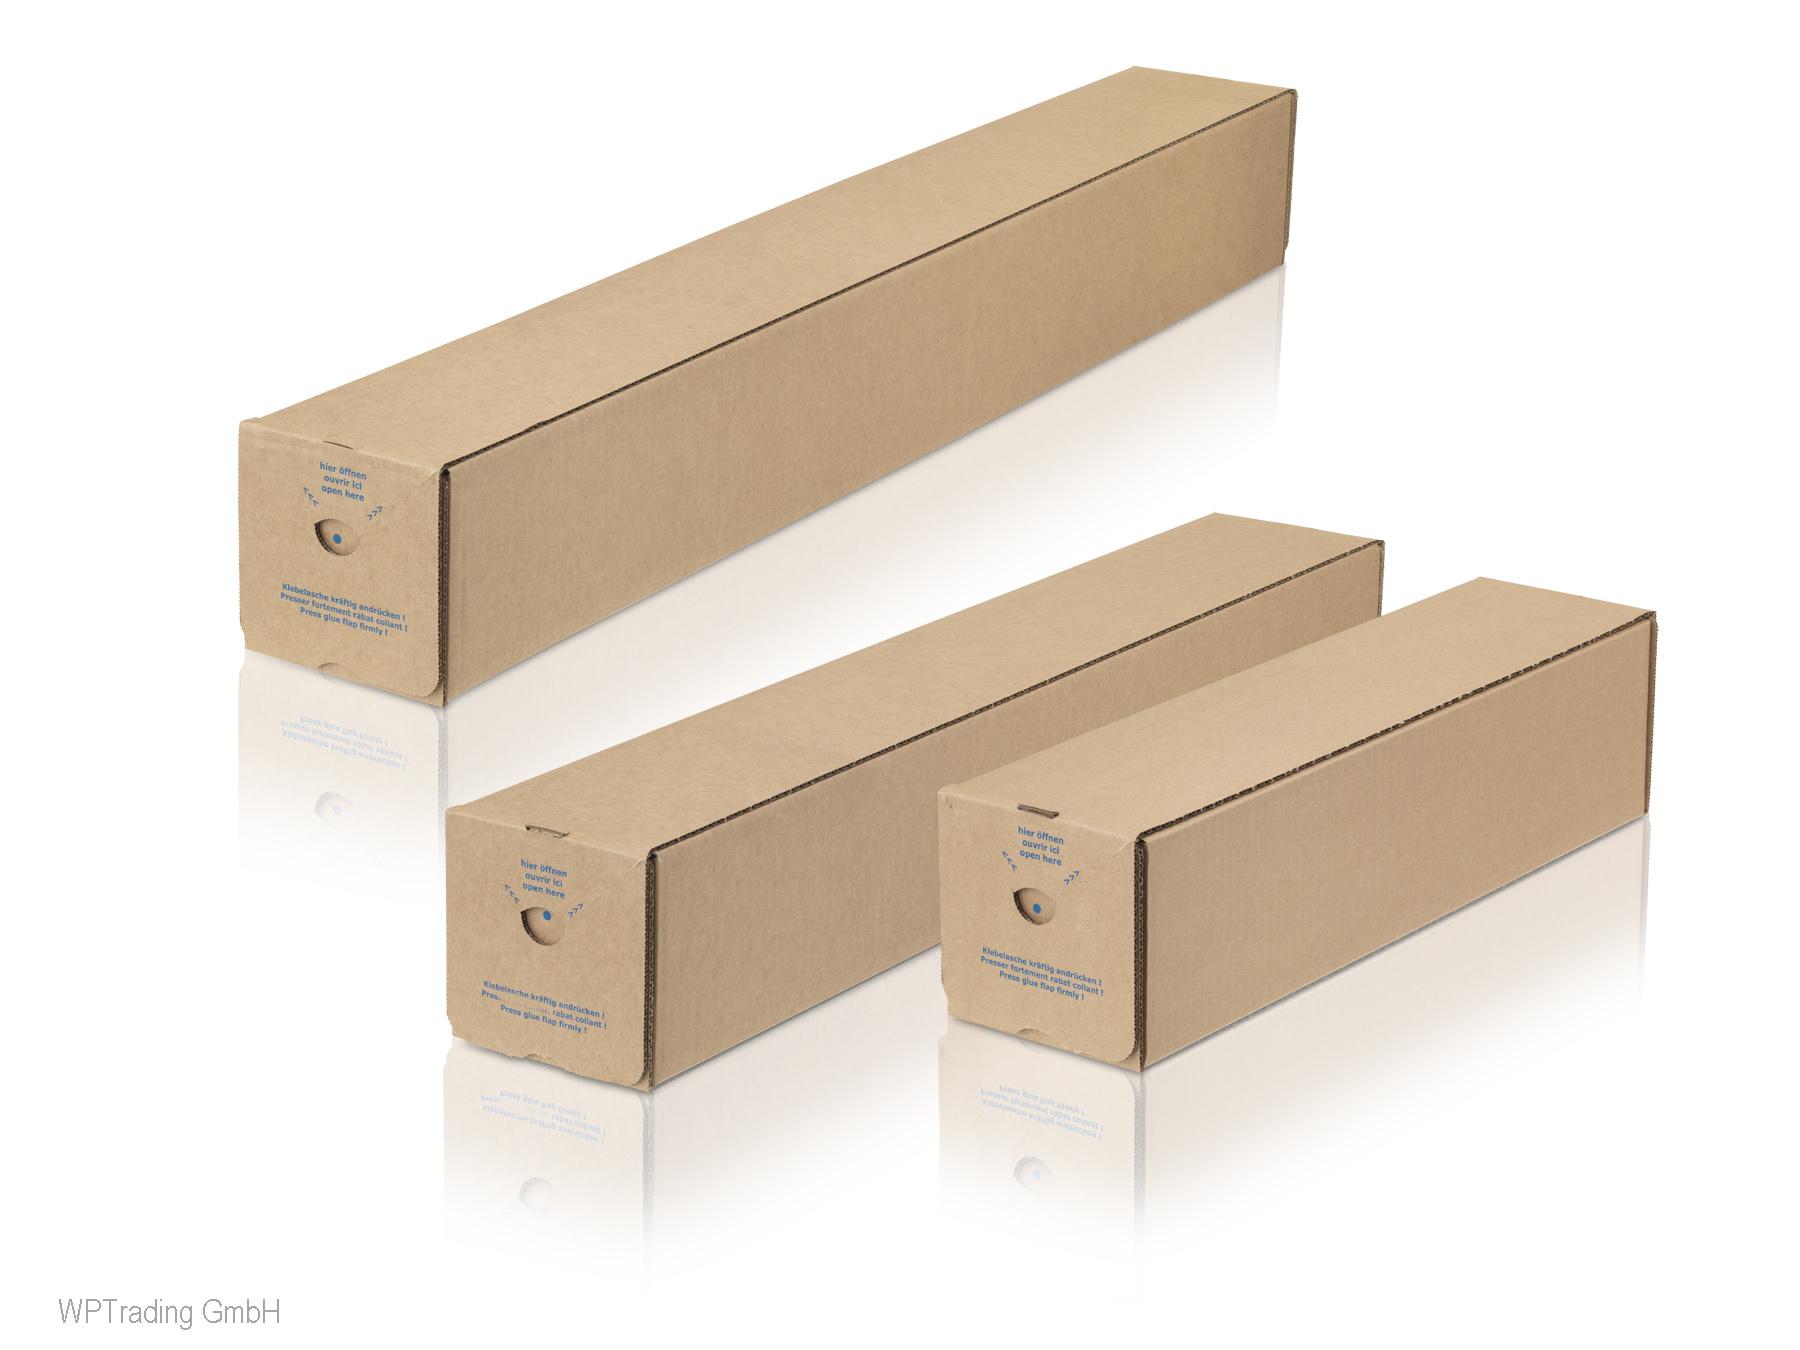 Presslaschnieten 5,2x19,1 Alu//Alu Flachkopf mit Dichtscheibe 250 Stk